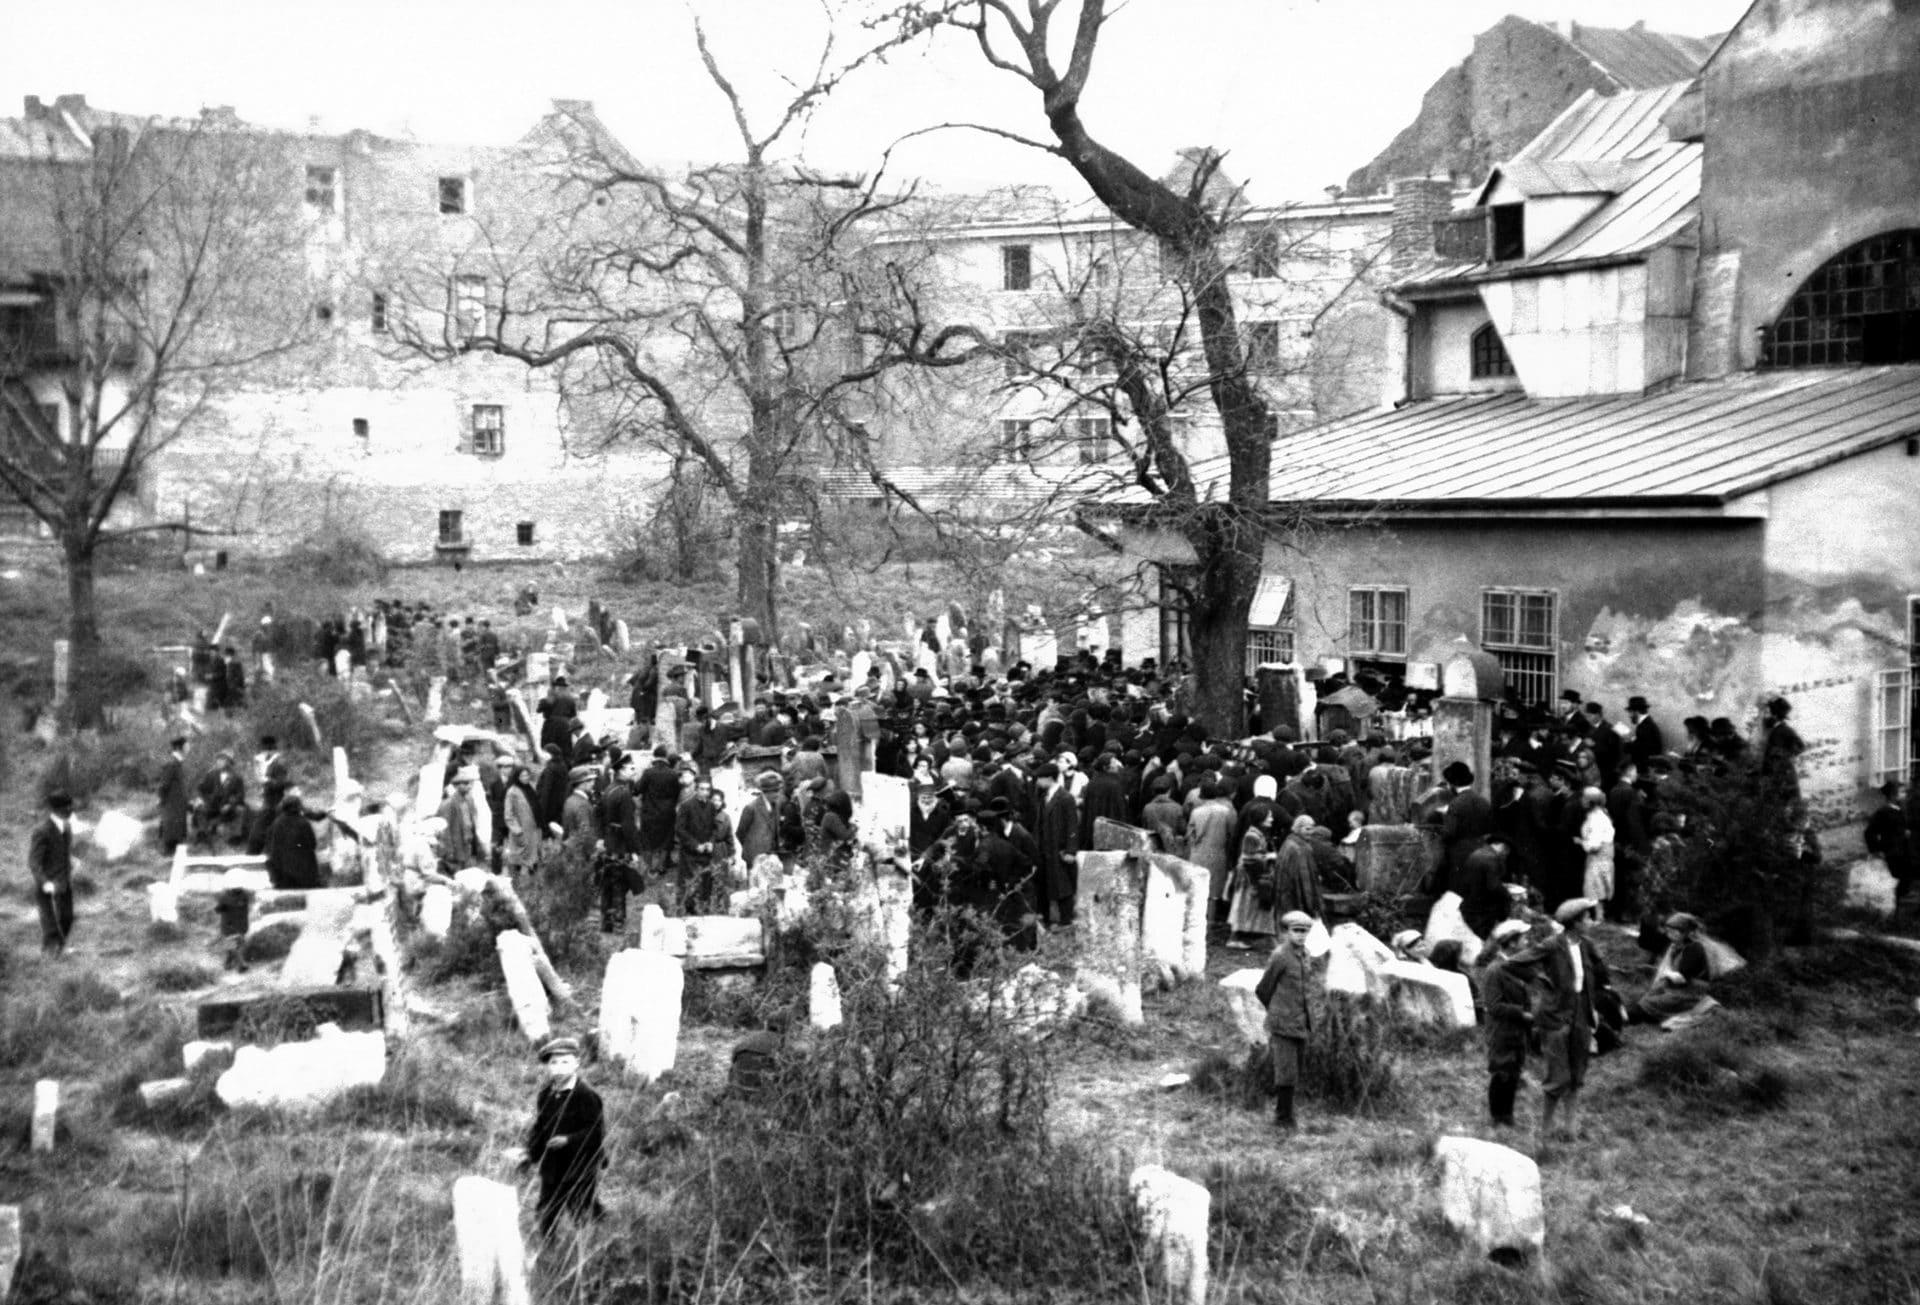 Święto rabina Remu na Cmentarzu Remuh w Krakowie. 1931 rok. Źródło: Narodowe Archiwum Cyfrowe.